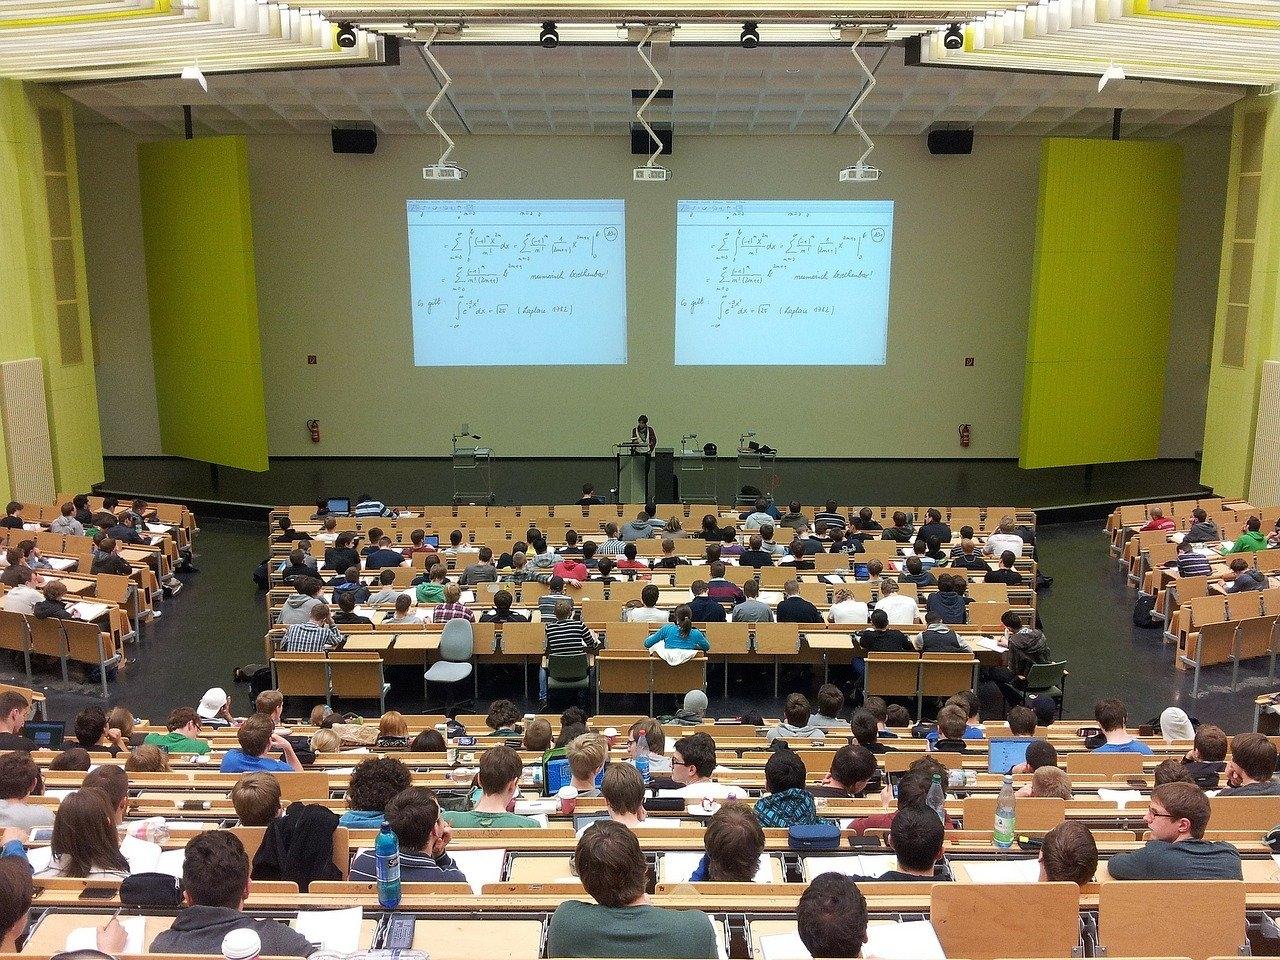 Virtuelle Lehre - Vorlesungen